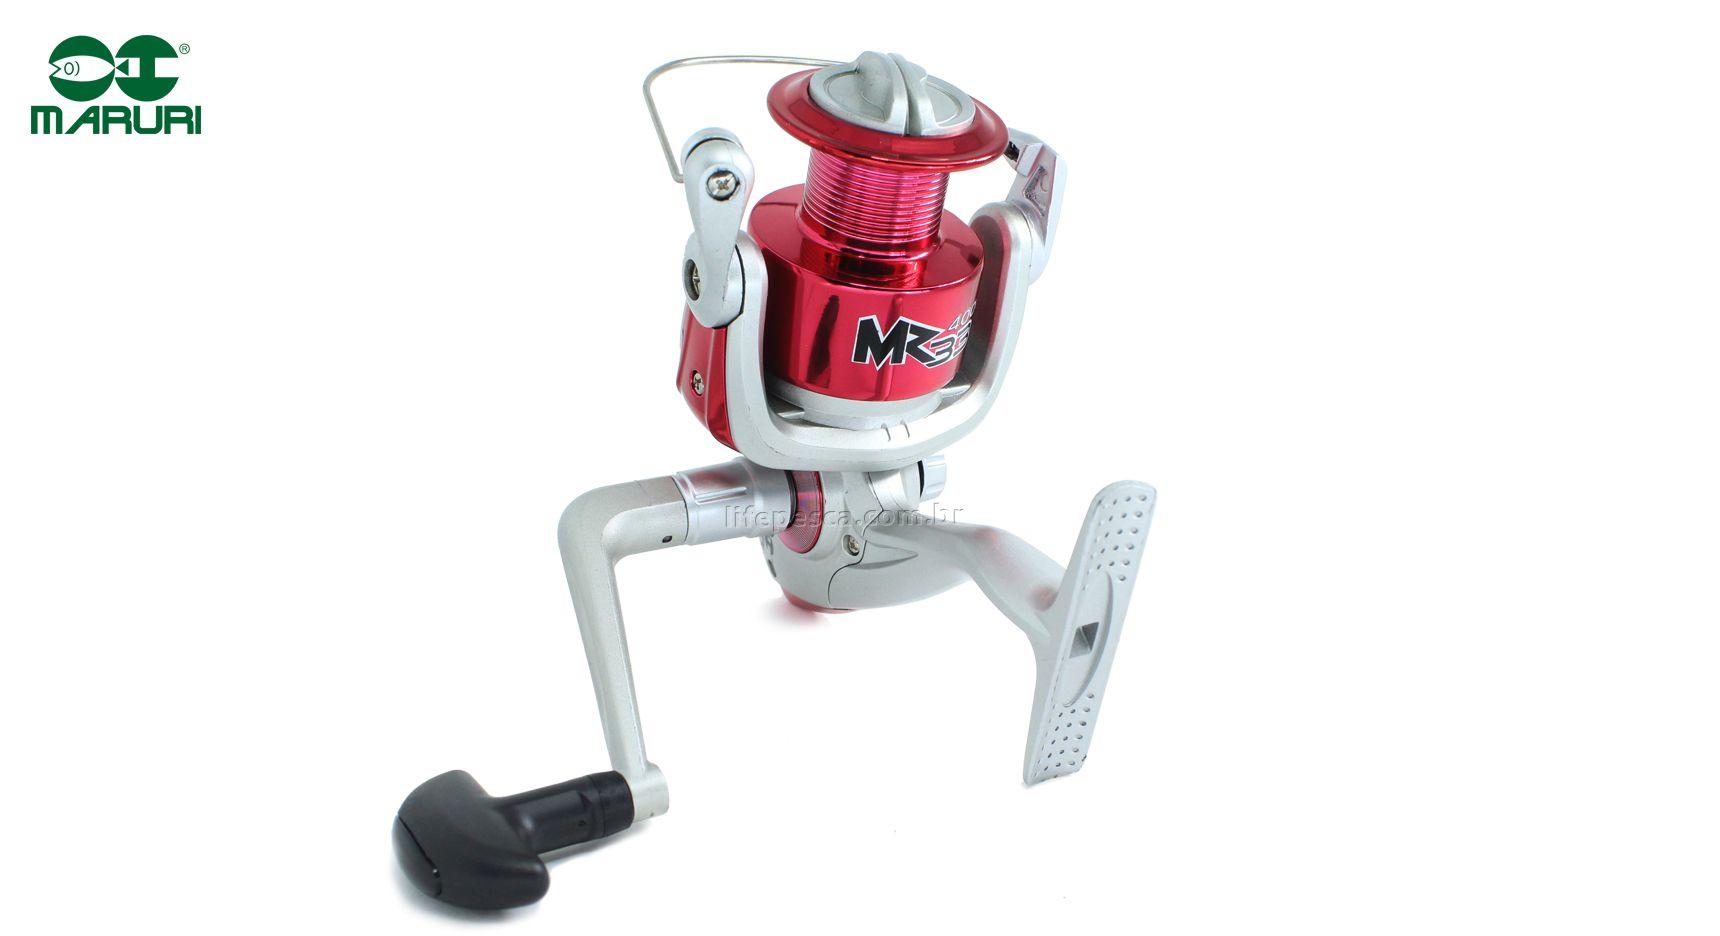 Molinete Maruri MR33 2000 - 3 Rolamentos  - Life Pesca - Sua loja de Pesca, Camping e Lazer